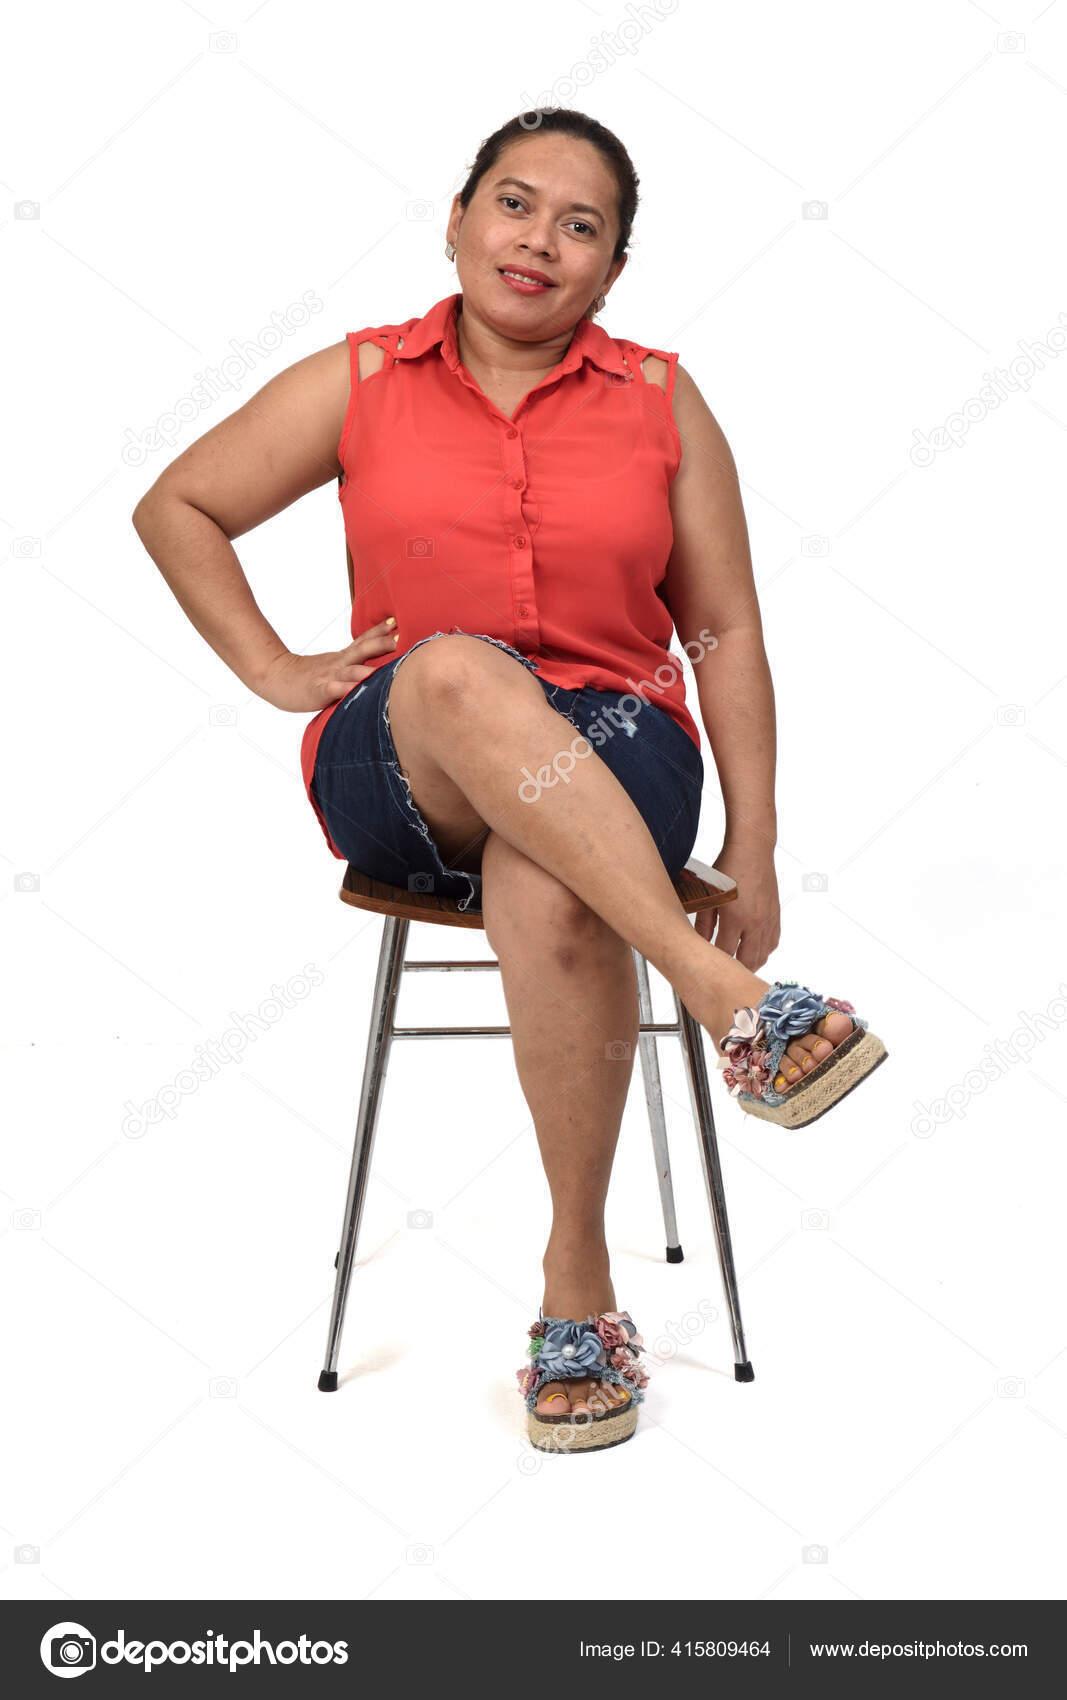 vue face une femme assise sur une chaise avec corps image libre de droit par mariaic c 415809464